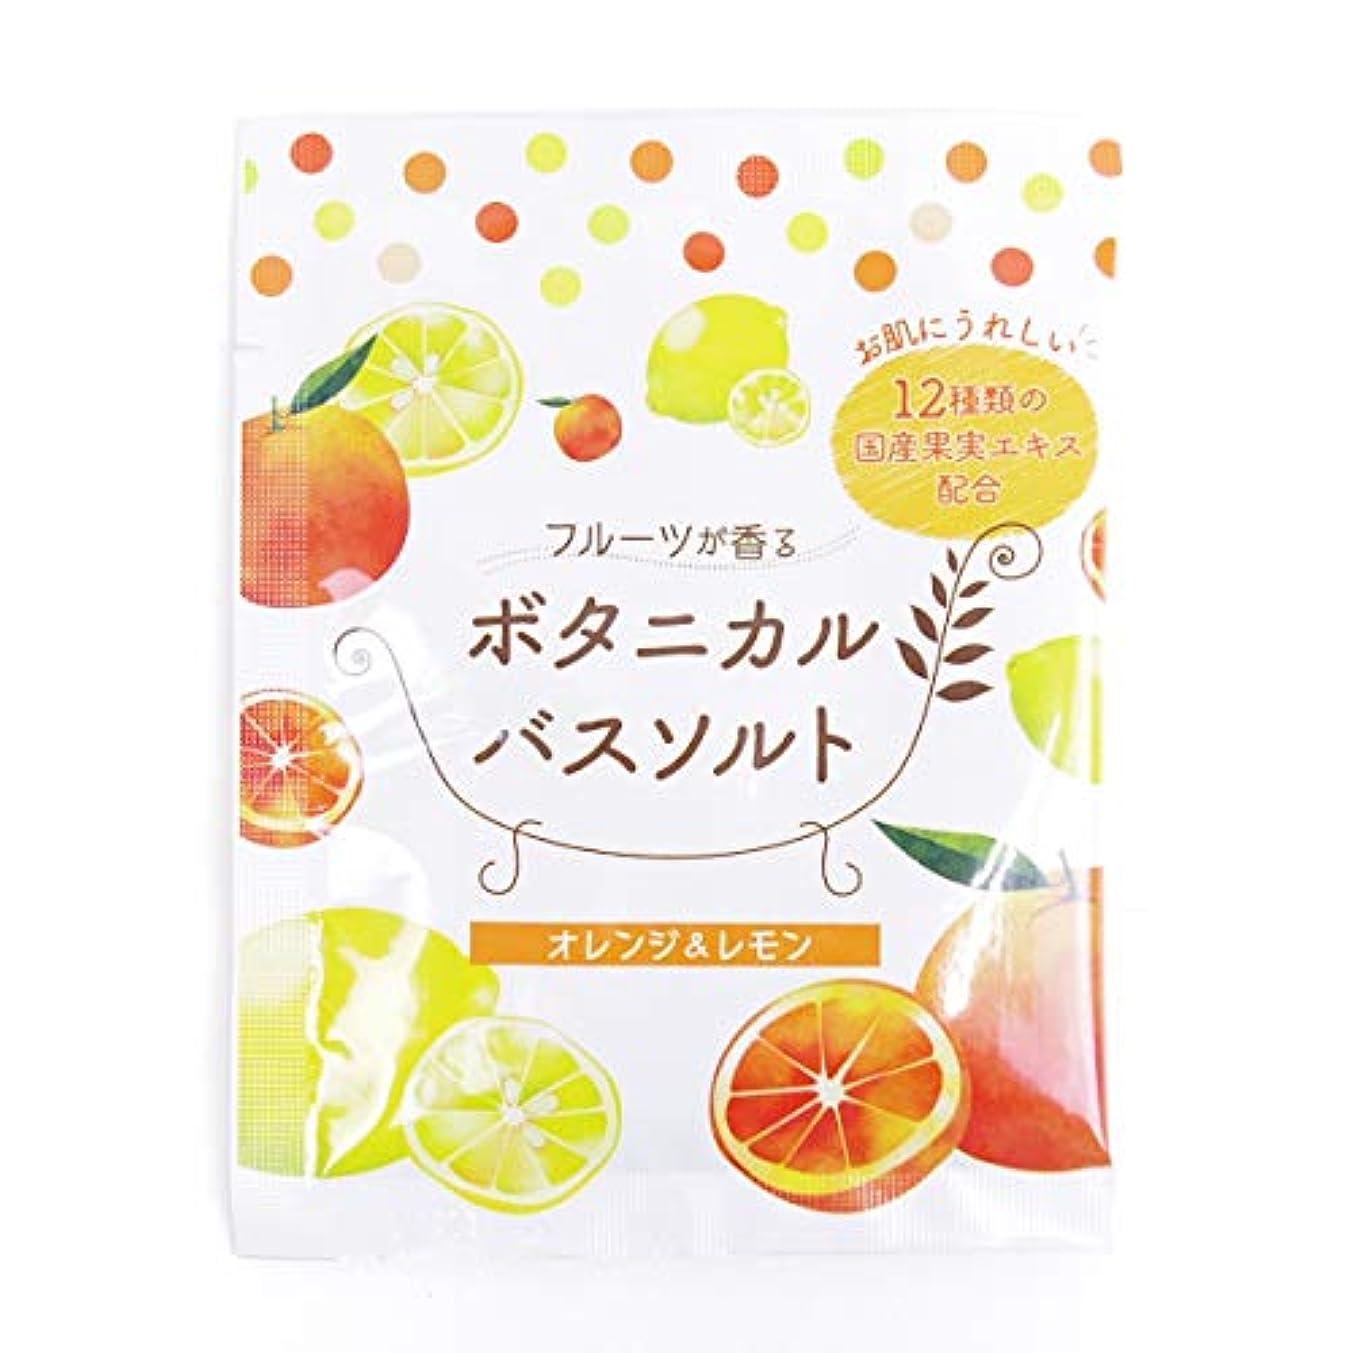 ロバ周囲輸送松田医薬品 フルーツが香るボタニカルバスソルト オレンジ&レモン 30g